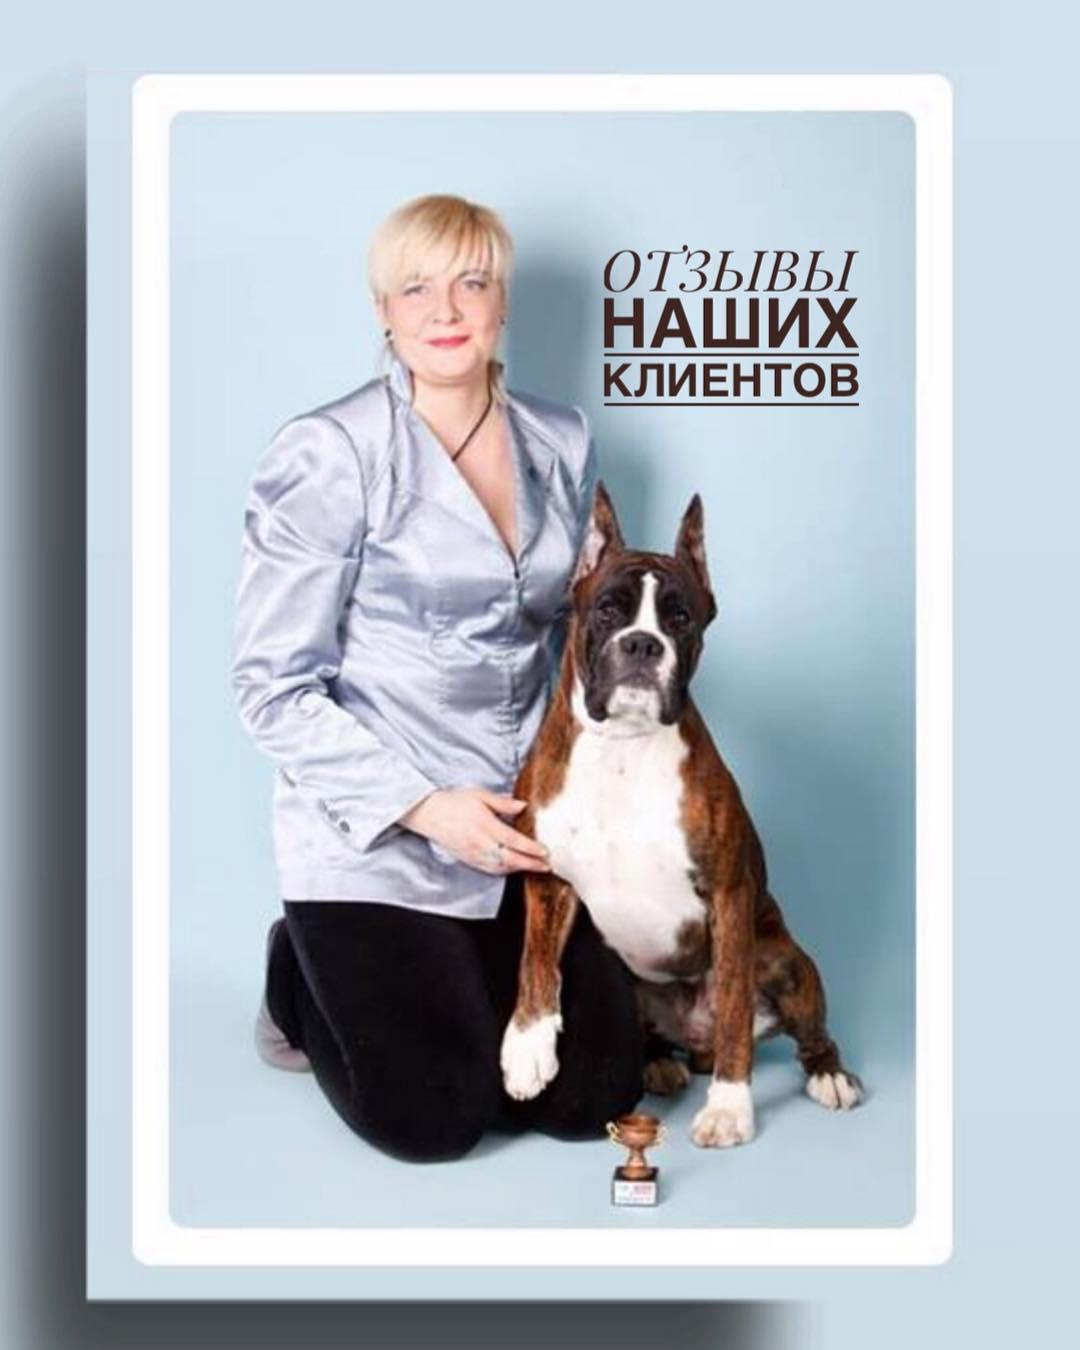 Анжелика Акентьева